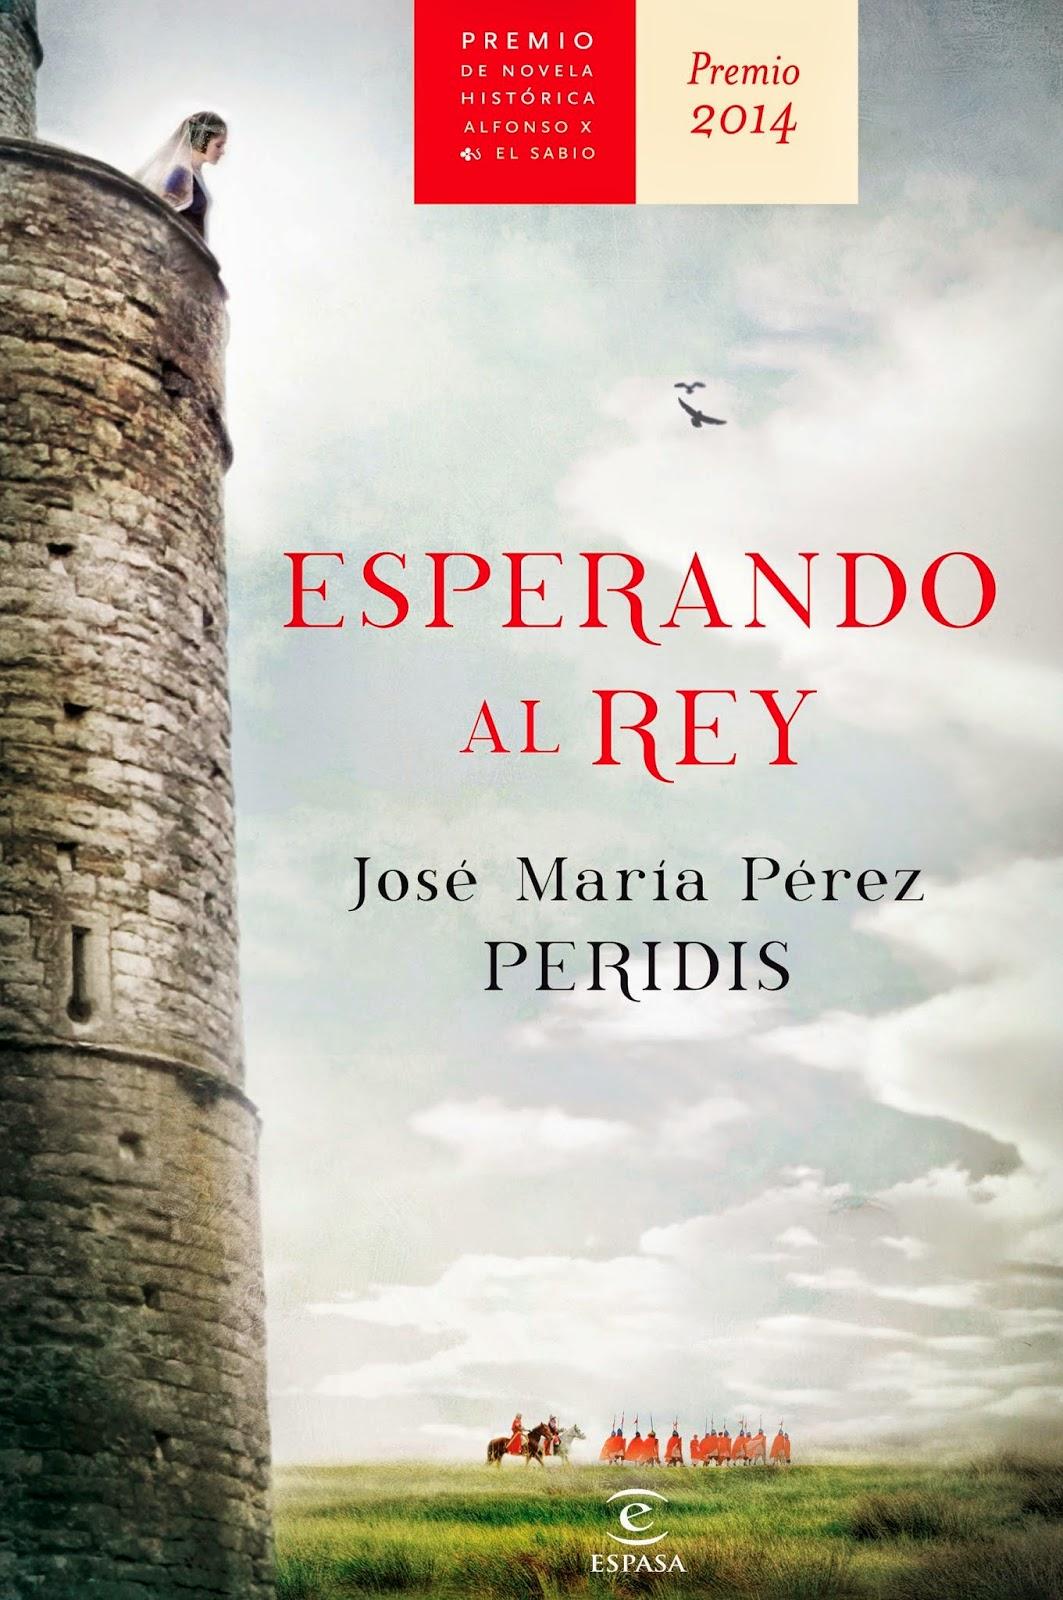 Esperando al rey - José María Pérez - Peridis (2014)